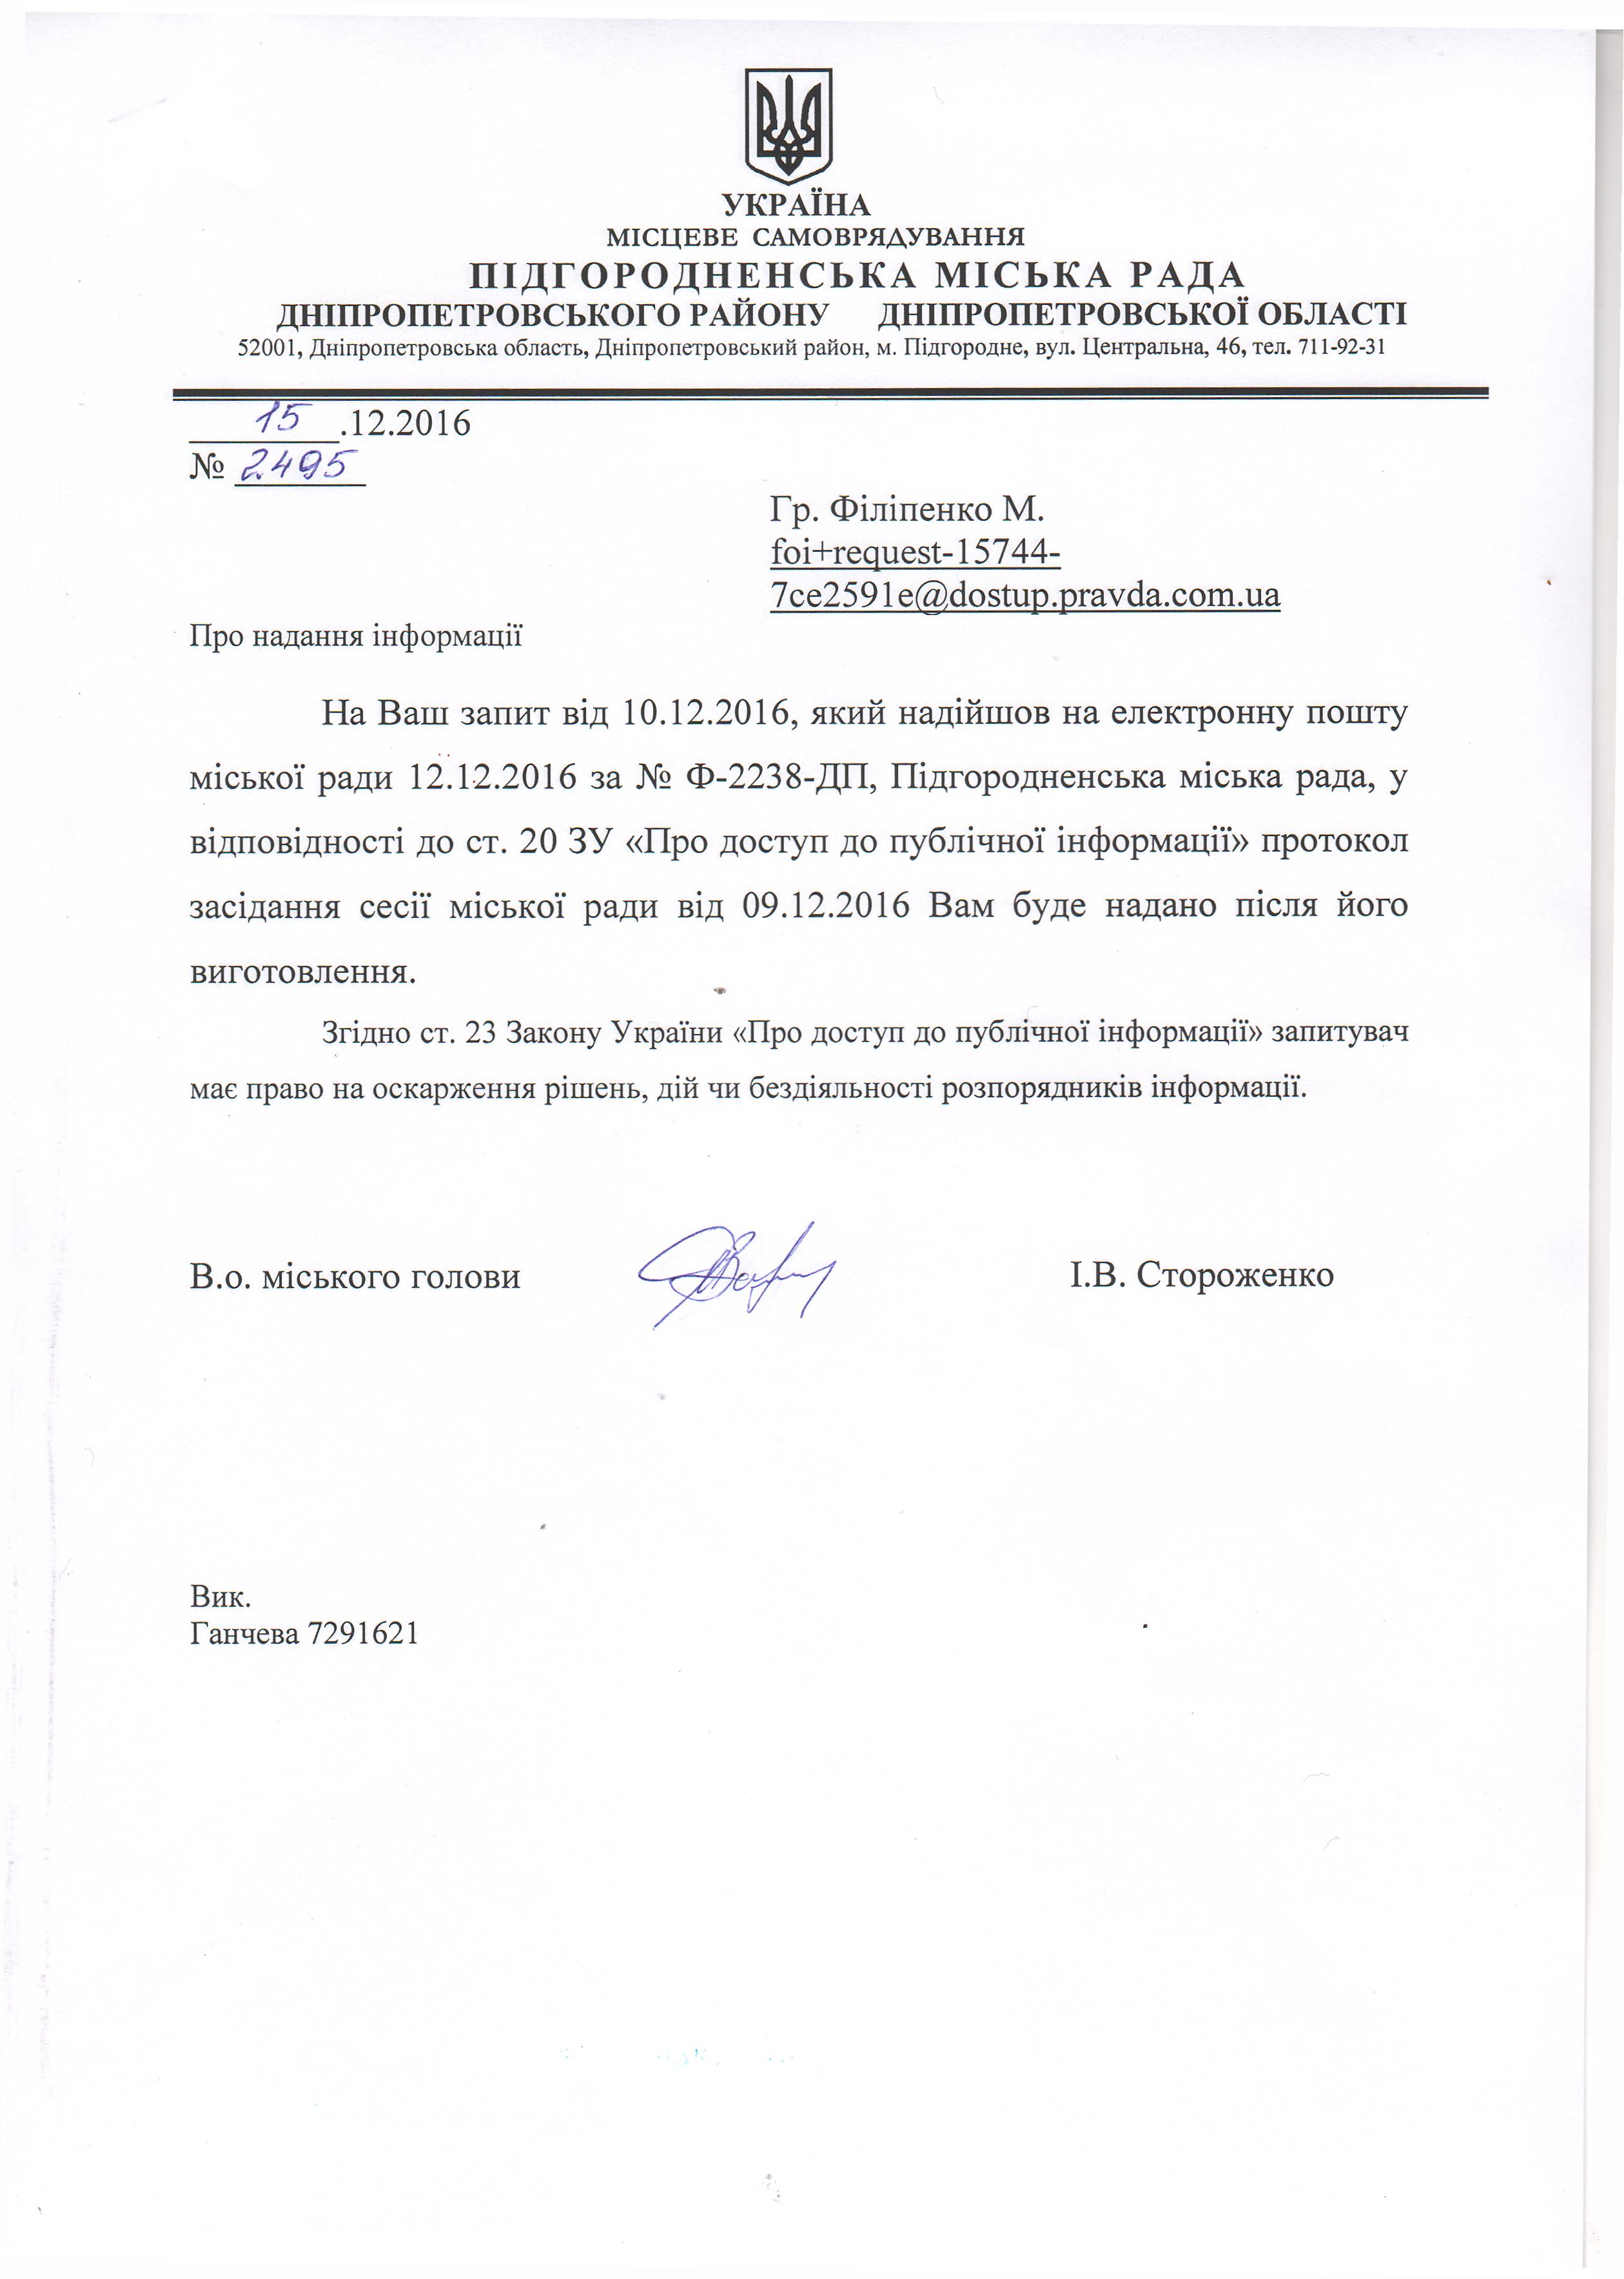 Відповідь Підгородненської міської ради на інформаційний запит від 10.12.2016